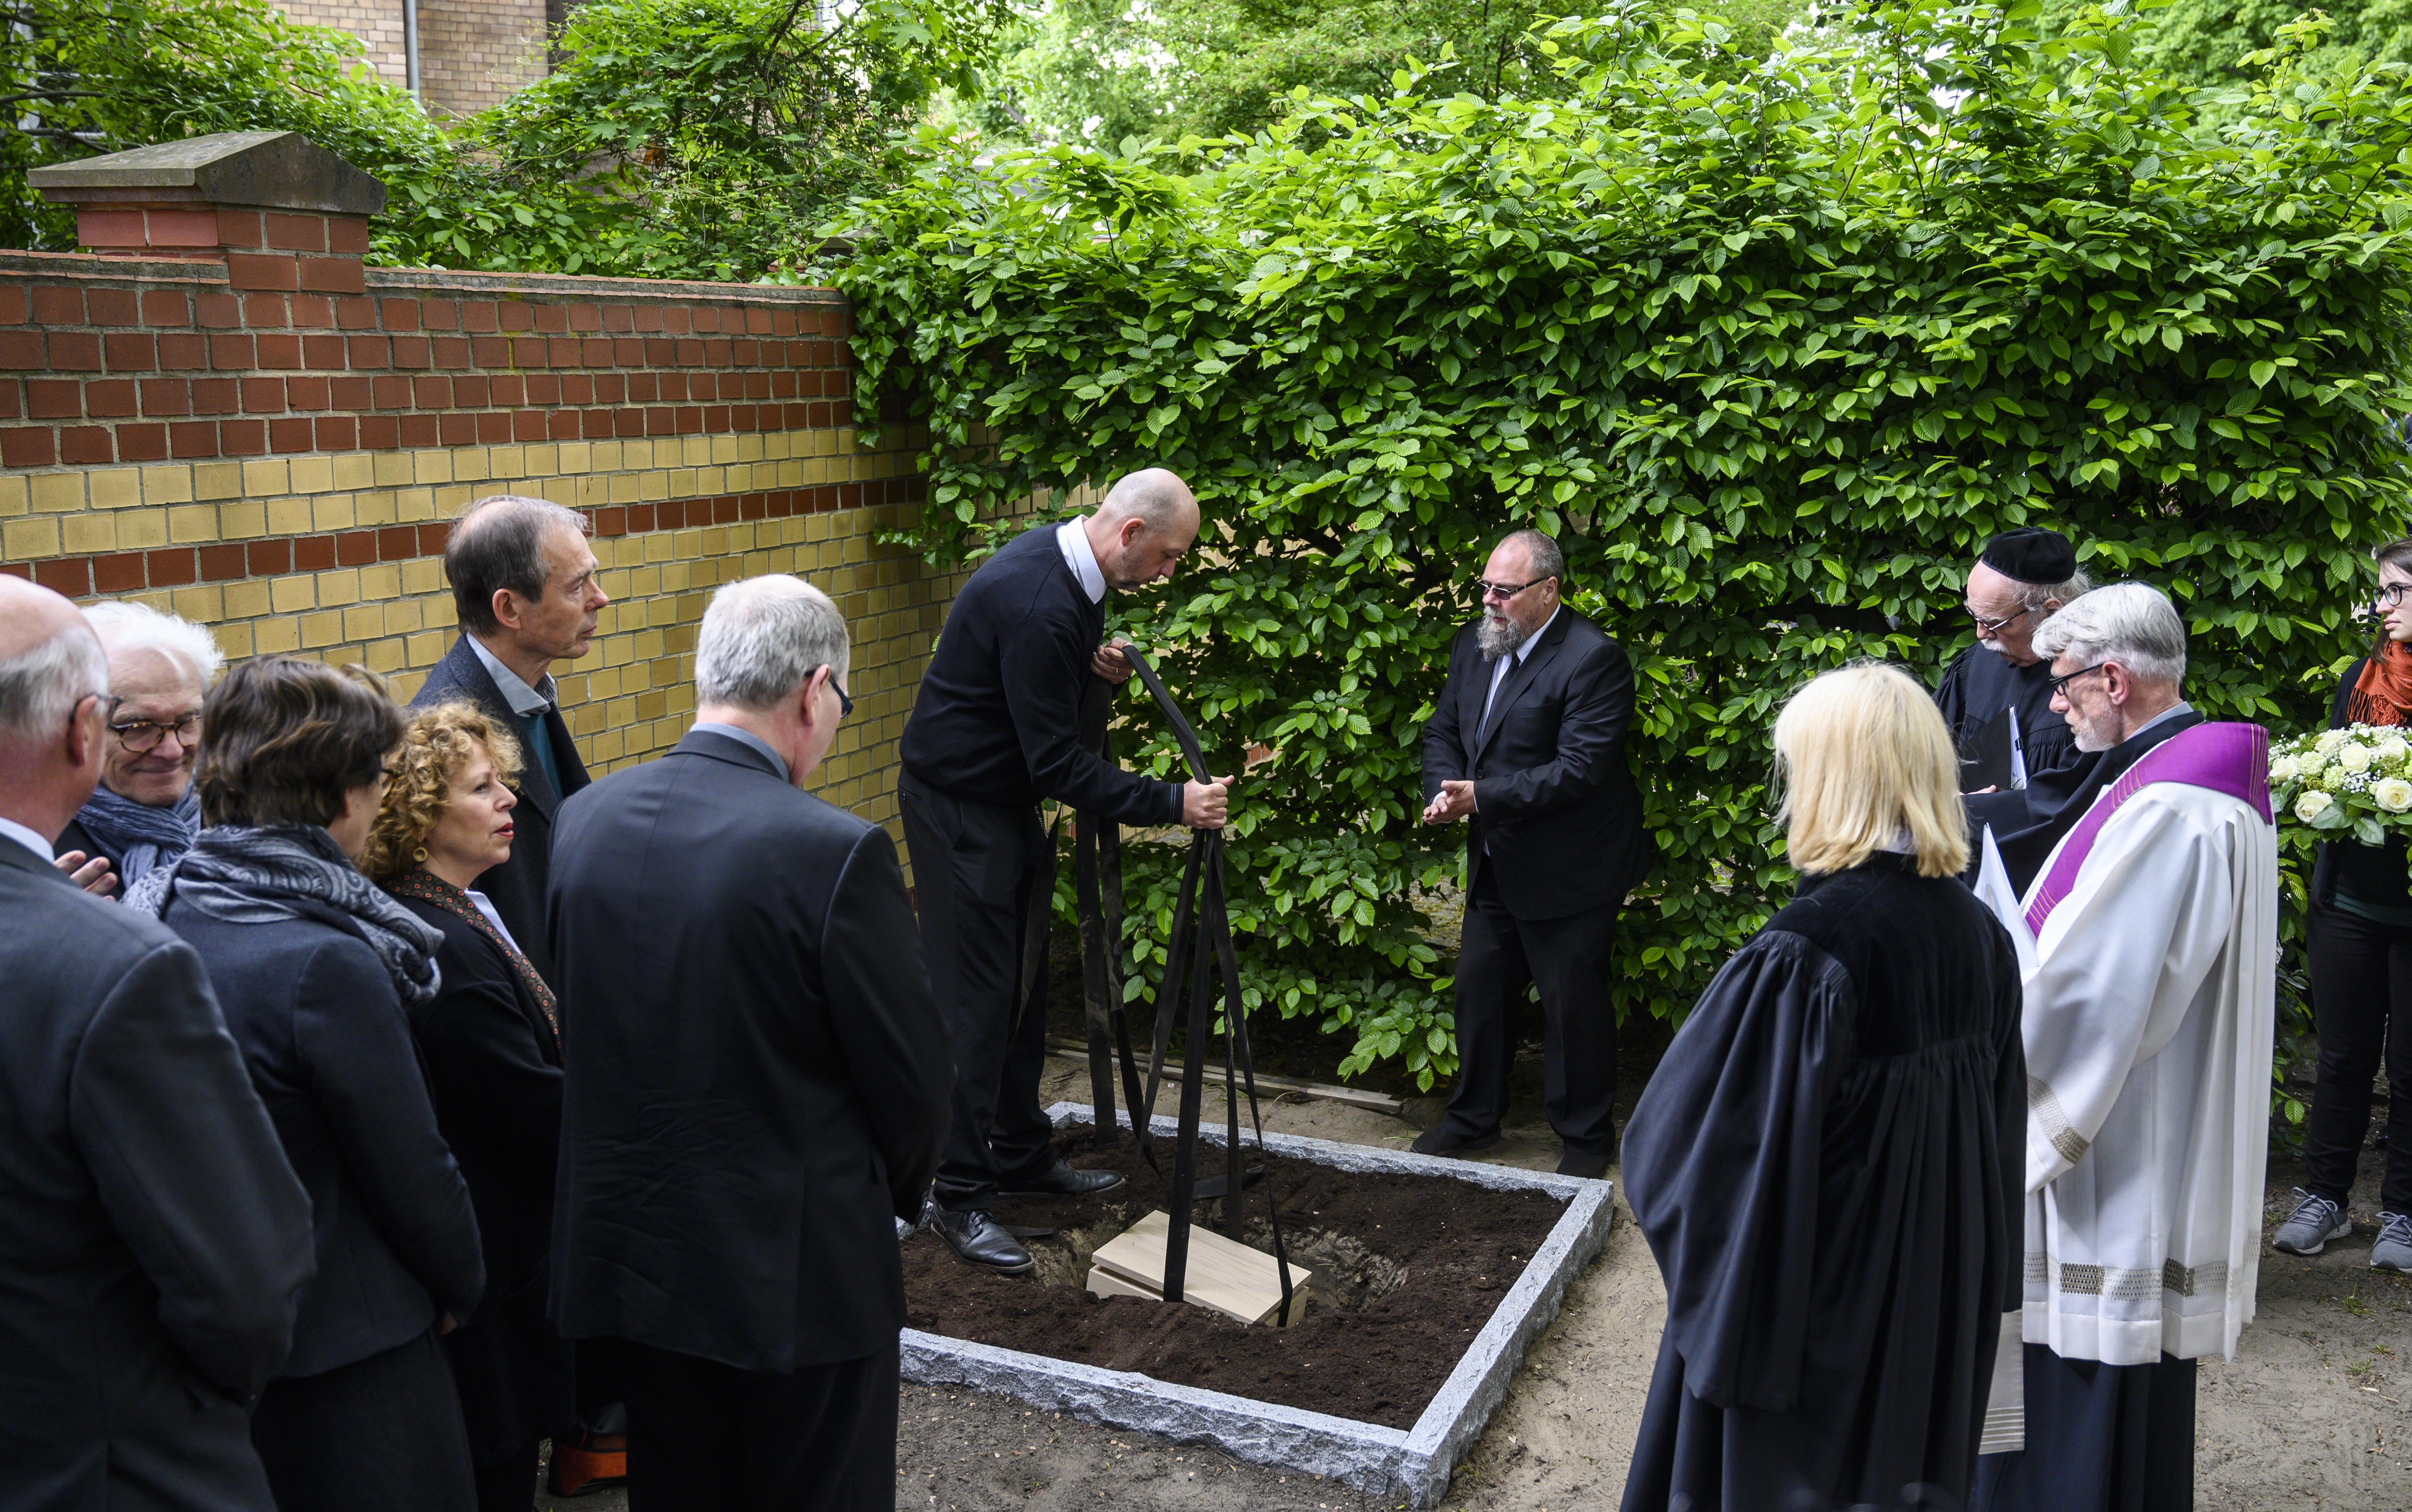 """""""Con esto, podemos devolverles parte de su dignidad a quienes fueron asesinados"""", dijo el médico Karl Max Einhäupl. Los restos fueron sepultados el lunes. (John MACDOUGALL / AFP)"""